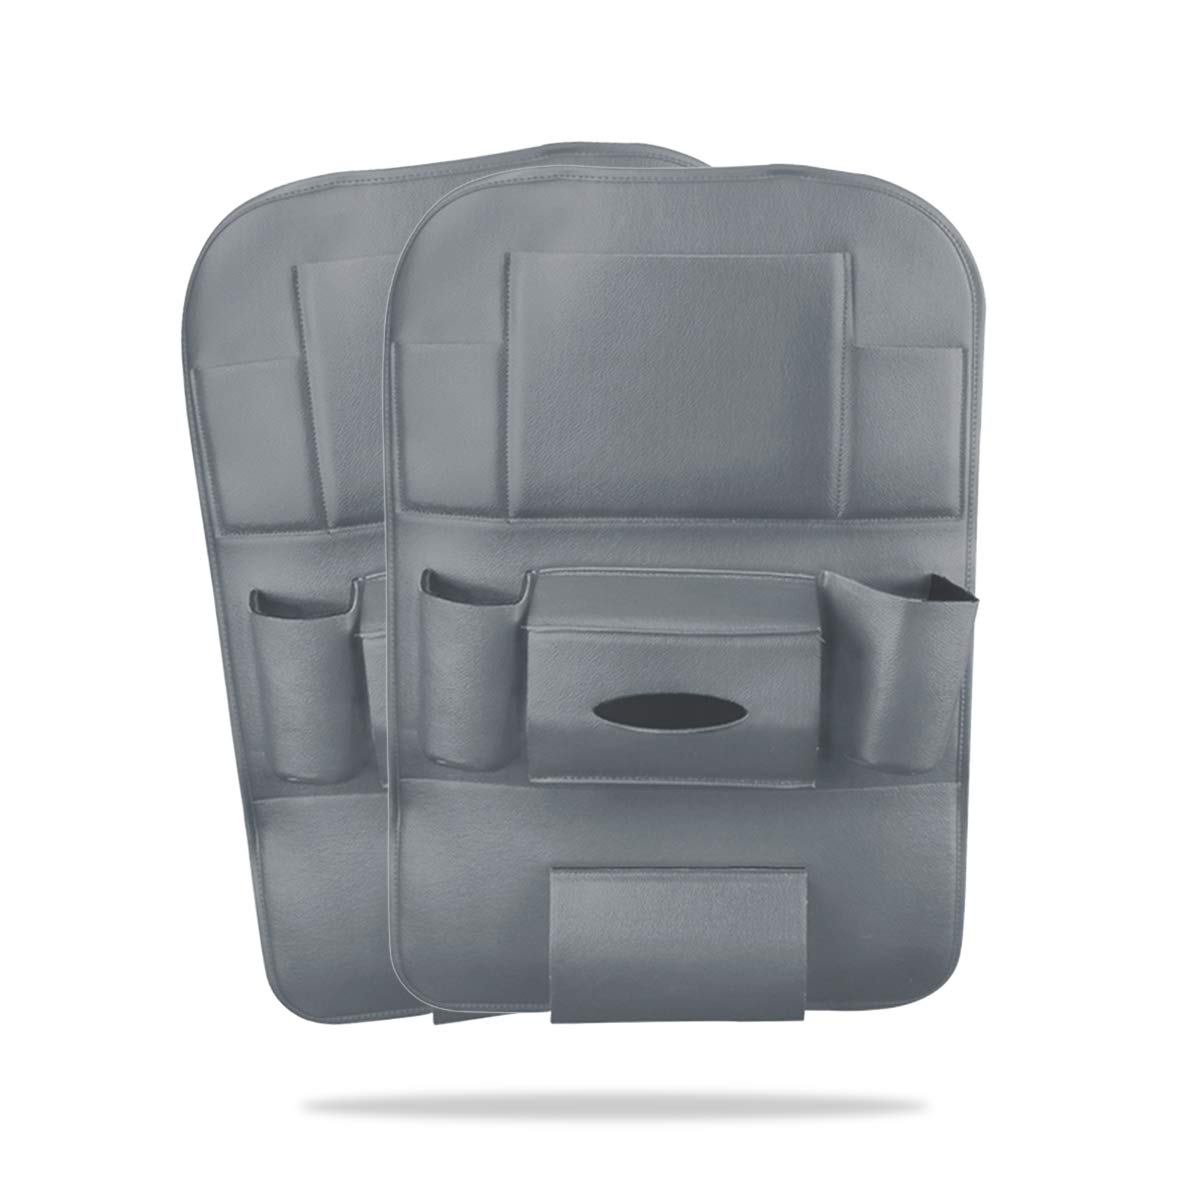 Ergocar 2 Packs Organizzatori per auto in pelle PU, Coprisedili per schienale, Kick Mat Car per sedile posteriore con 10.1'per iPad/Tablet Multi tasche con scatola del tessuto - Beige